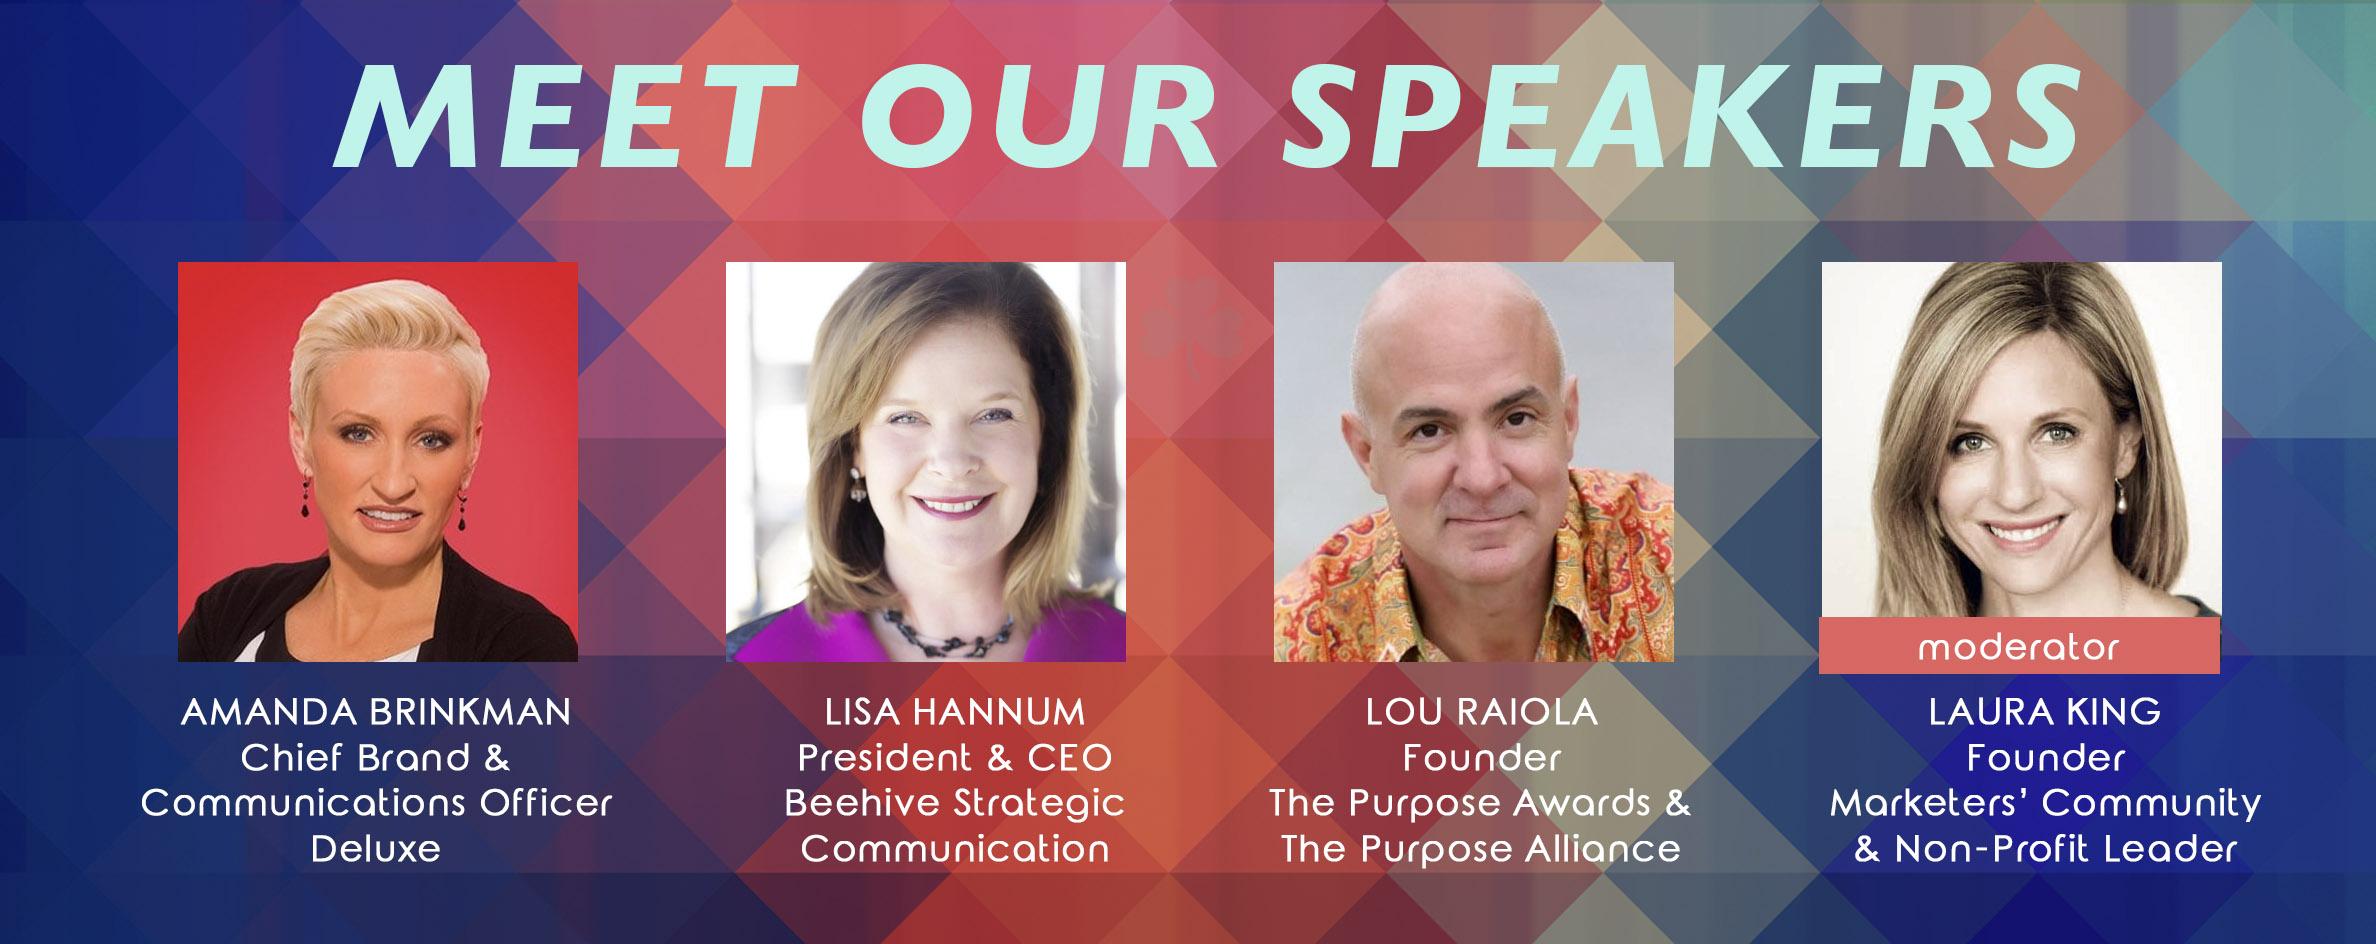 Meet our Speakers